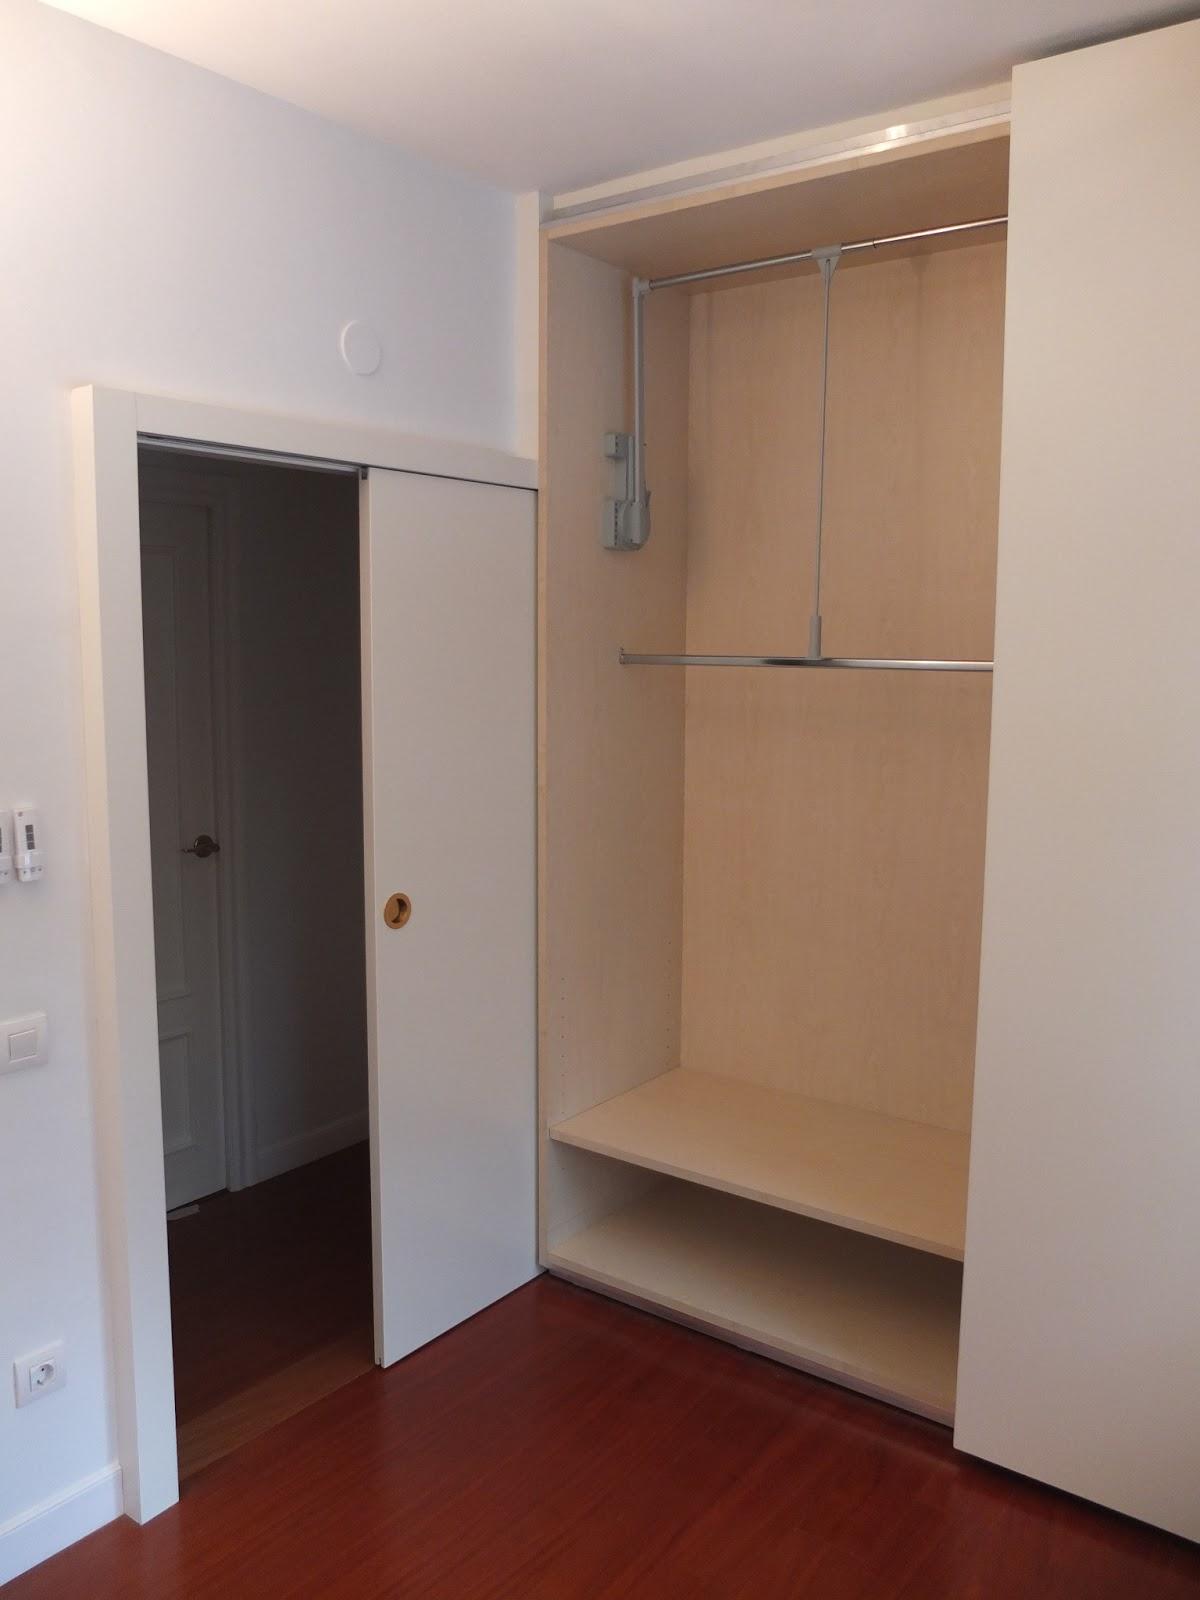 Casas cocinas mueble puertas correderas de armario - Interiores armarios empotrados puertas correderas ...